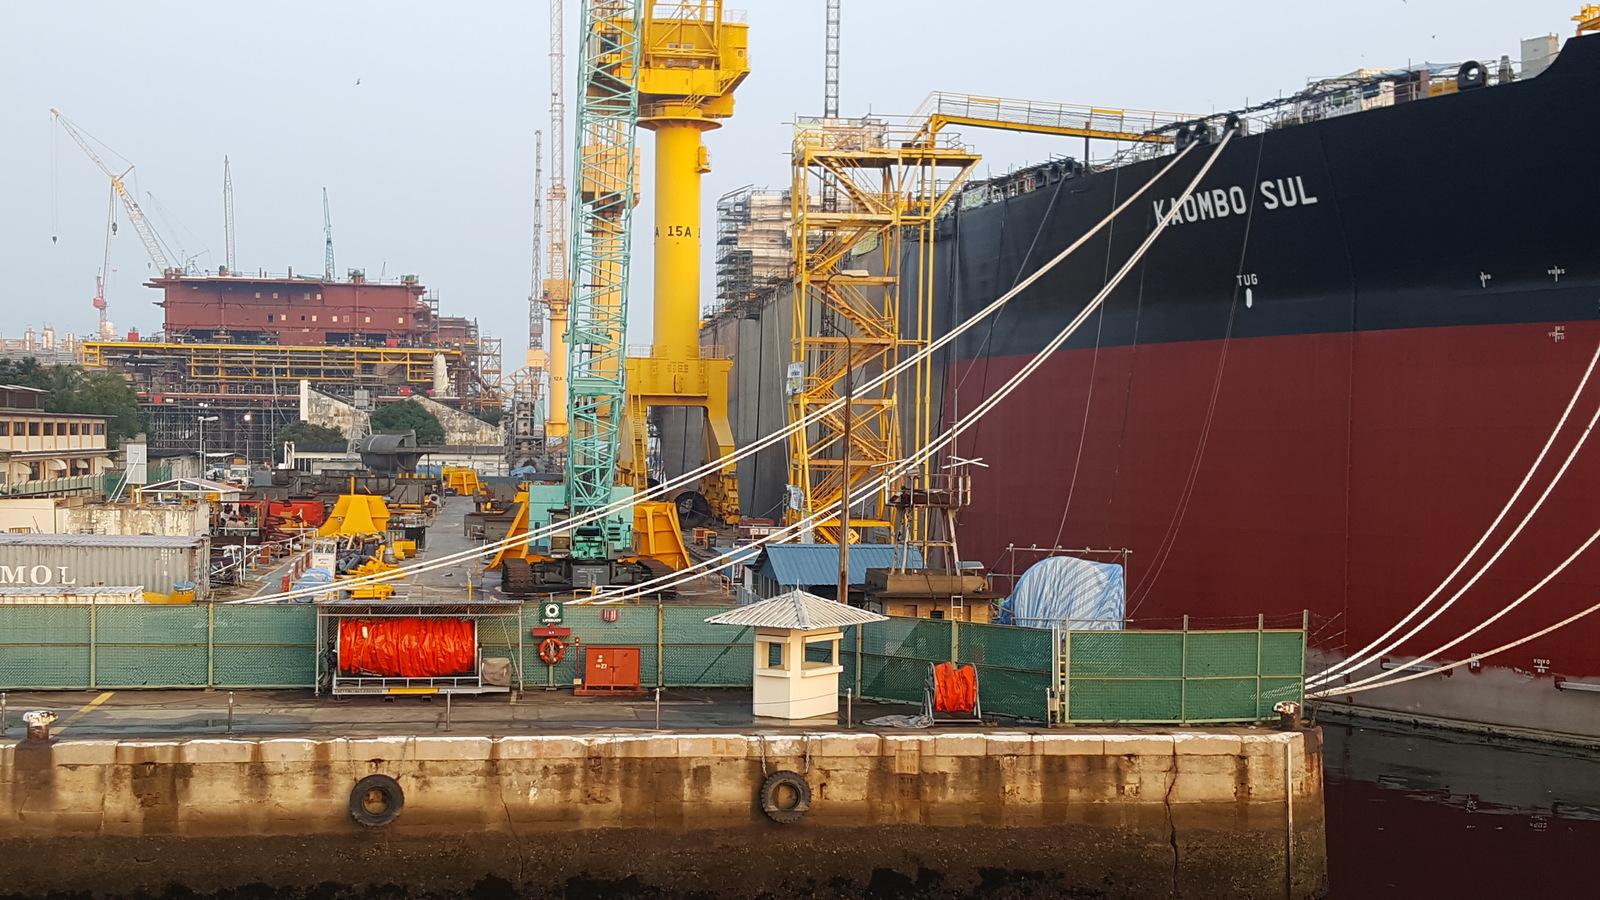 Kaombo Sul in Sembawang Shipyard, Singapore - March, 2017